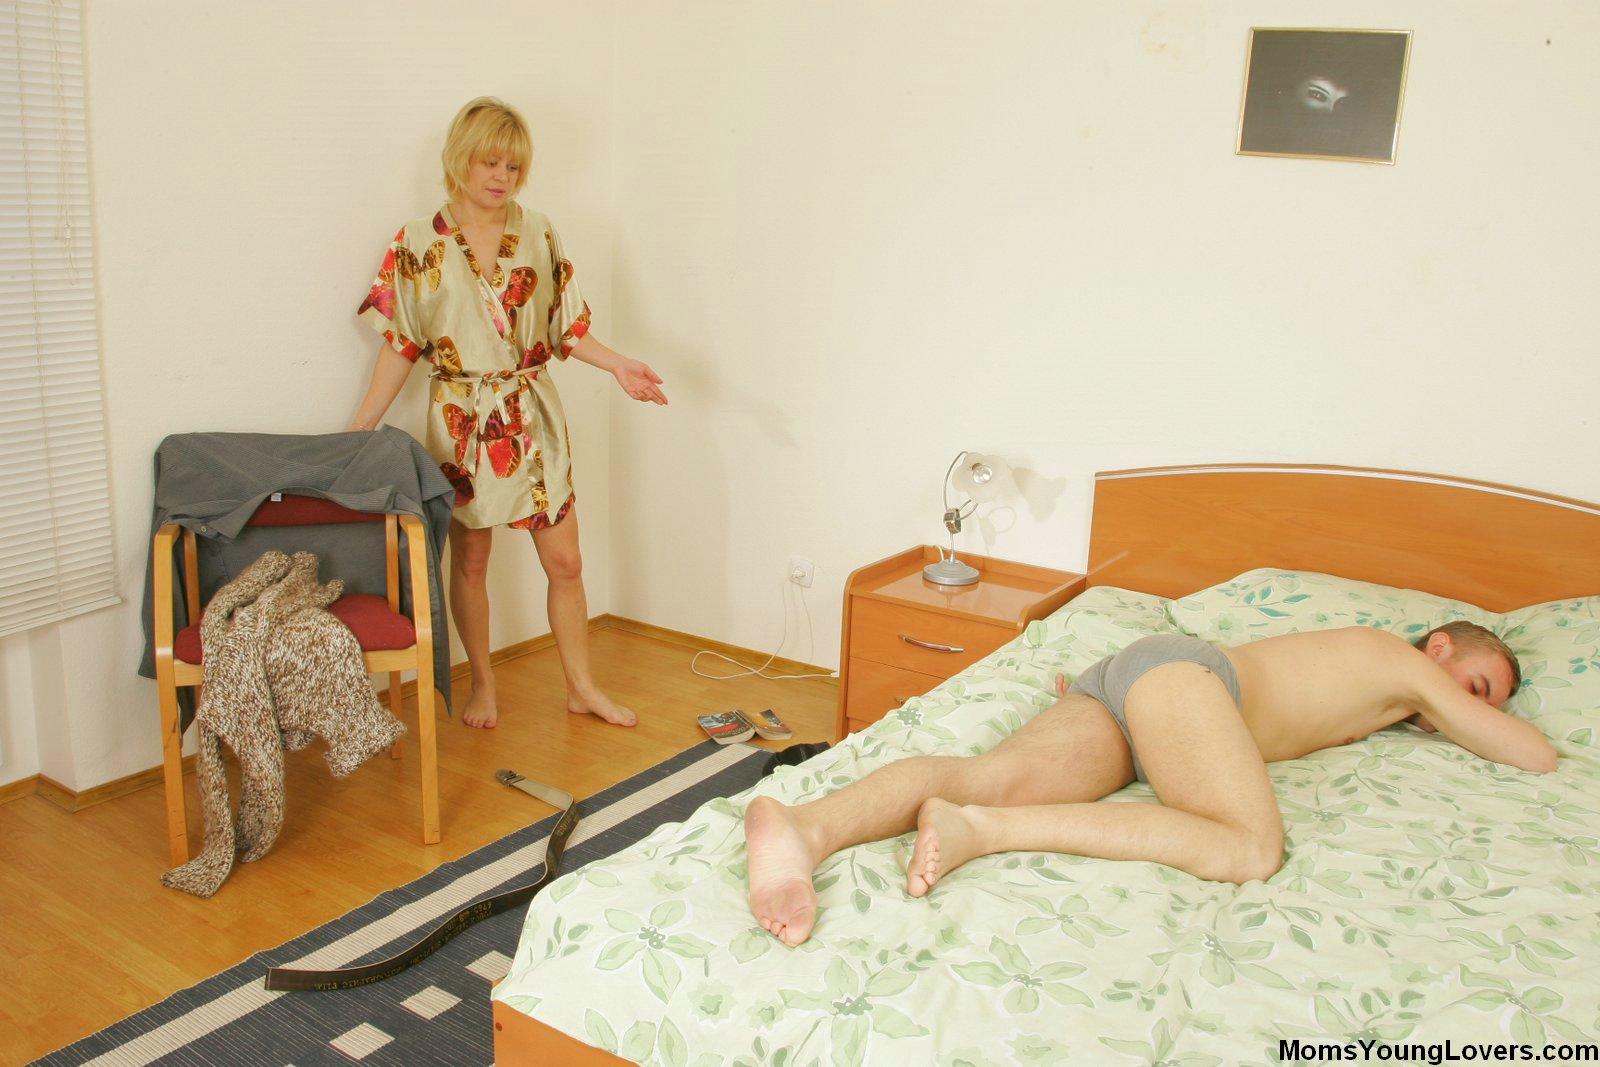 Син застукав маму за дрочкой в ванне й пресединивса 6 фотография